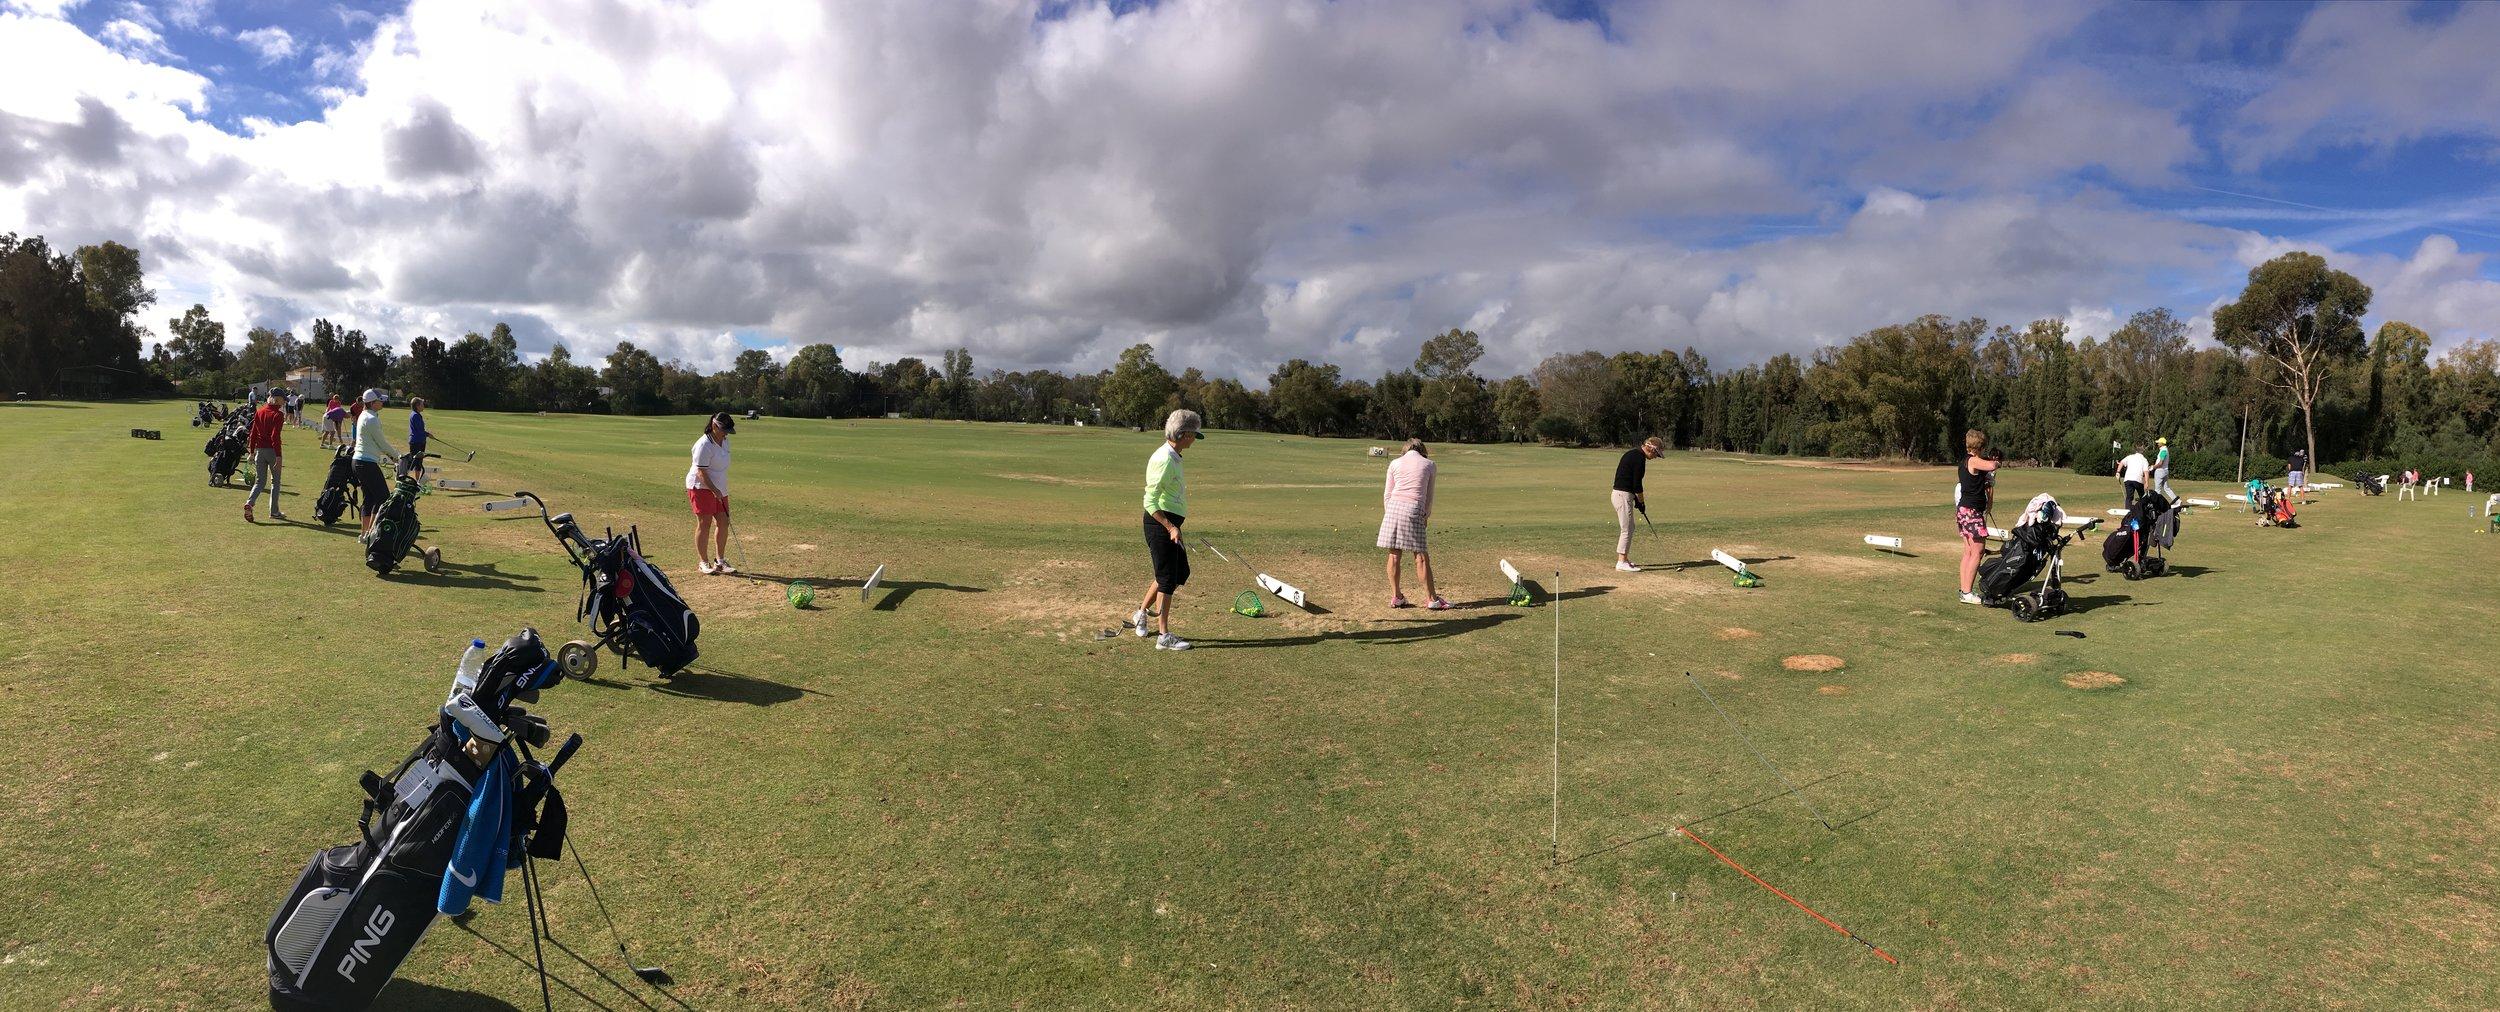 ROWGC Members Enjoying The Practice Facilities At Penina